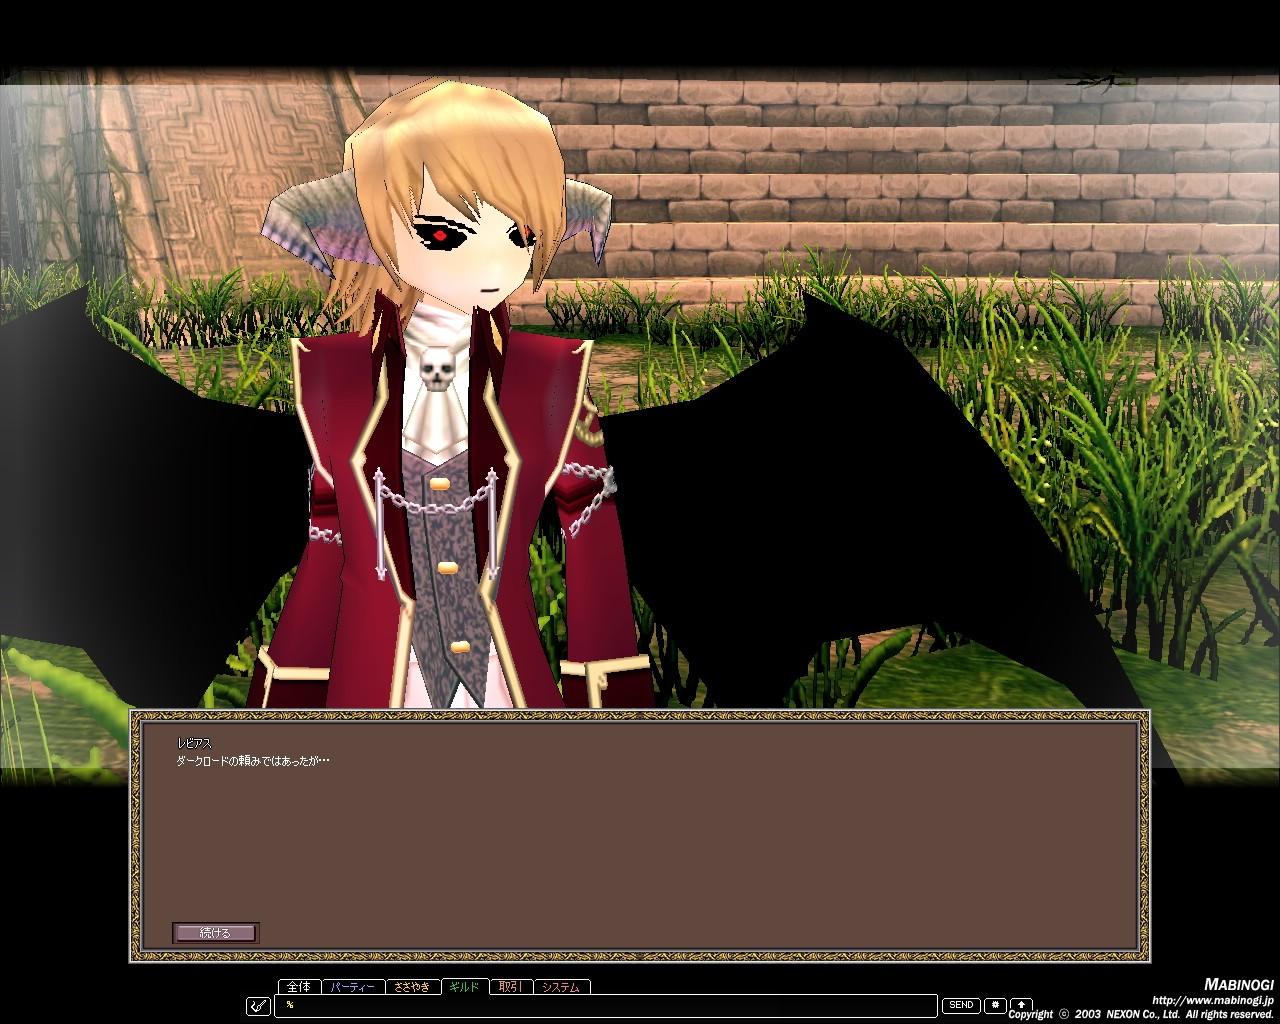 mabinogi_2010_07_05_002.jpg